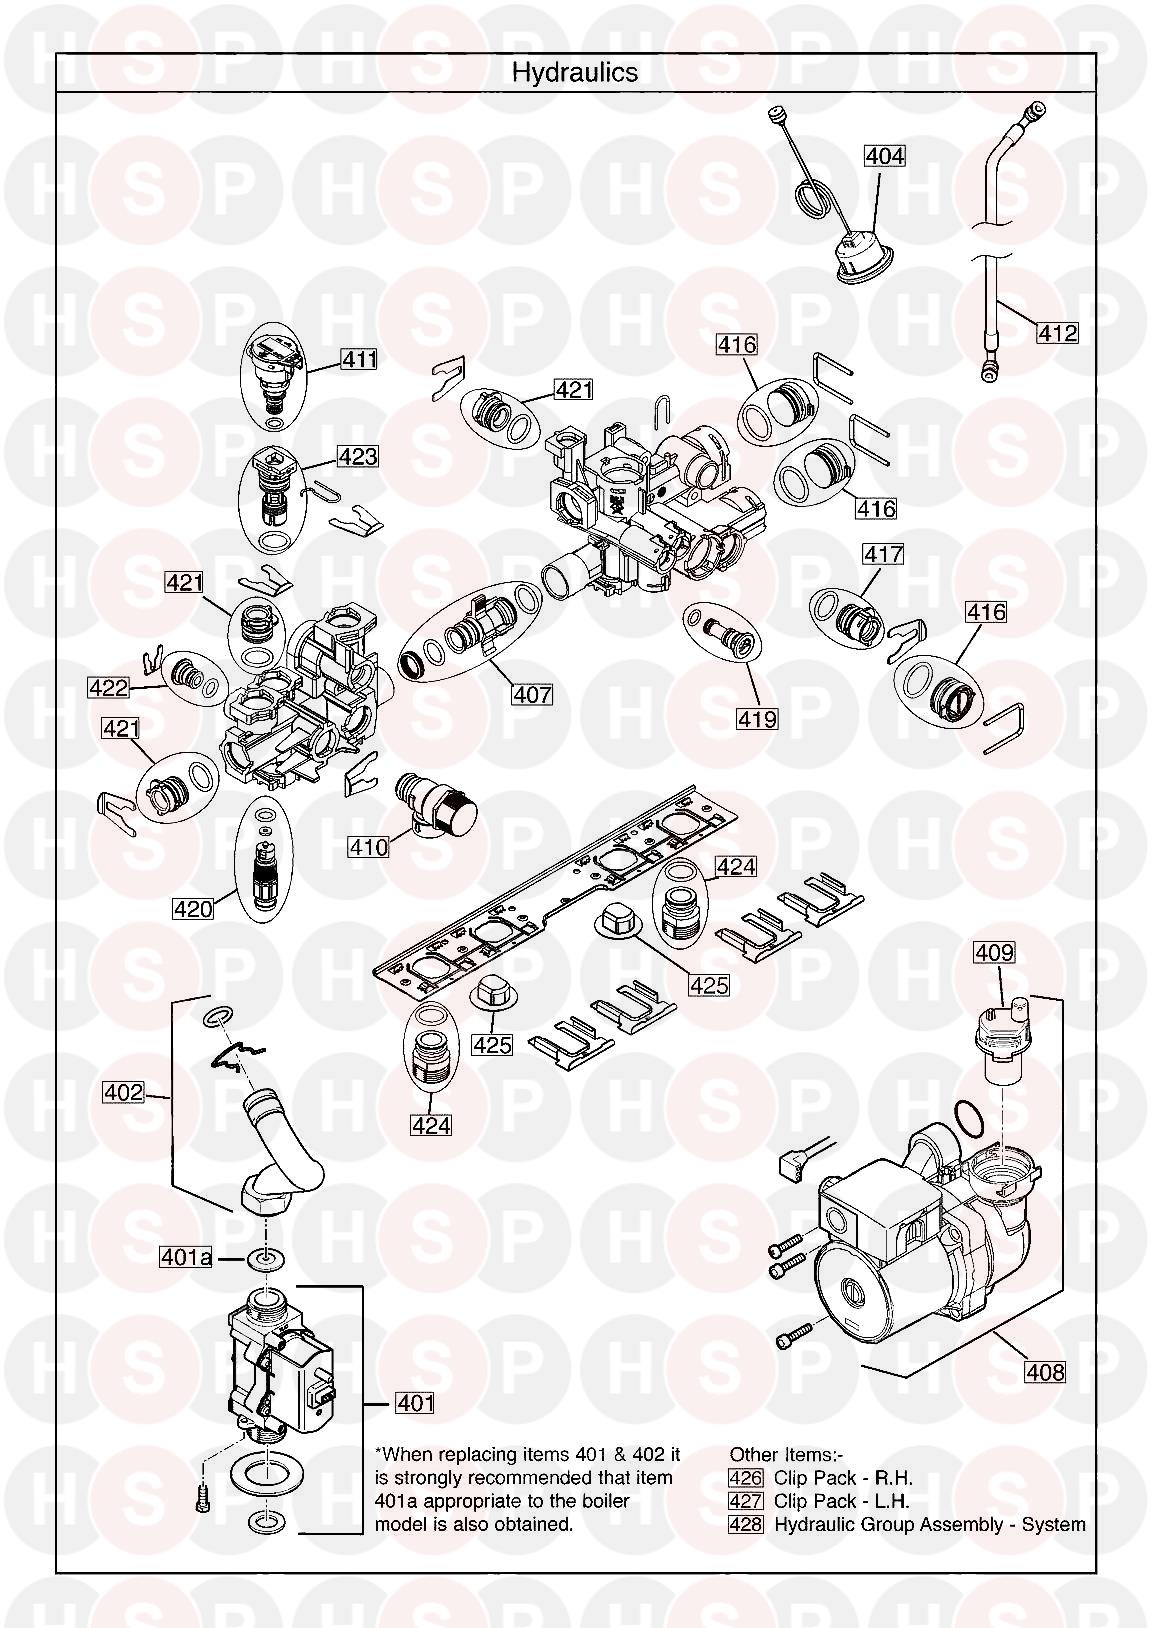 baxi megaflo 2 system 12 compact ga  hydraulics  diagram